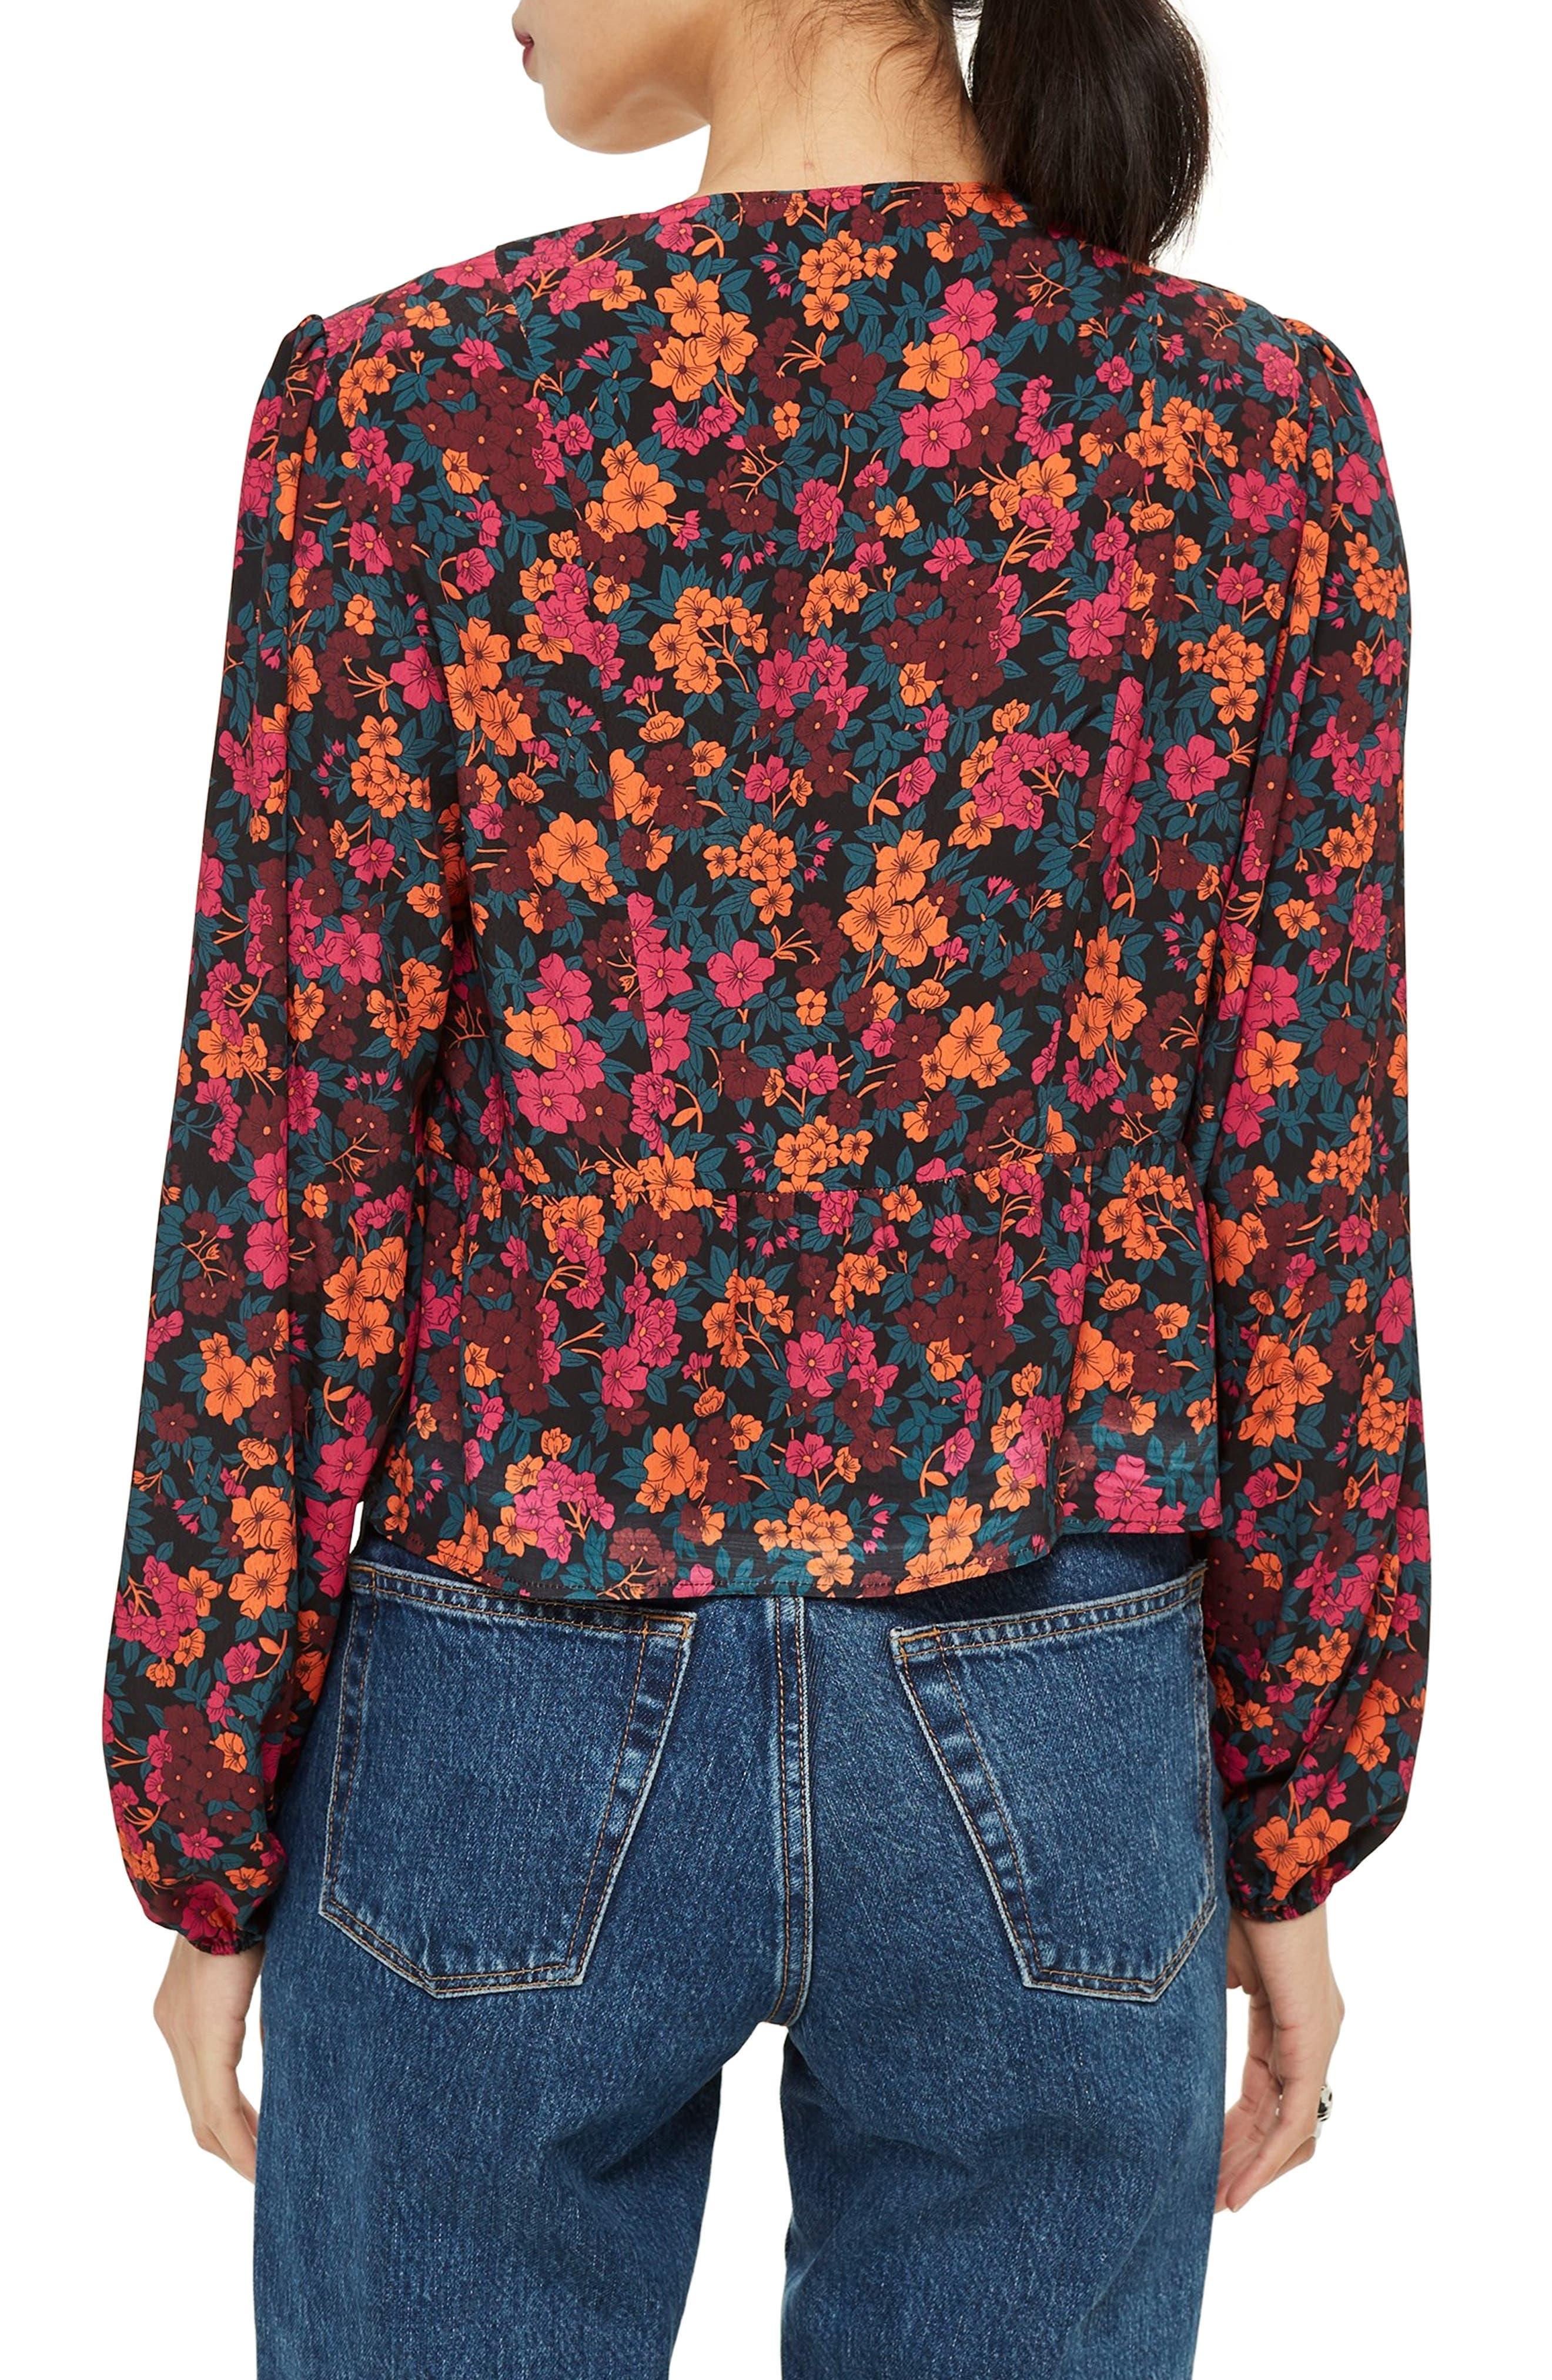 TOPSHOP, Grand Estate Floral Blouse, Alternate thumbnail 2, color, 600